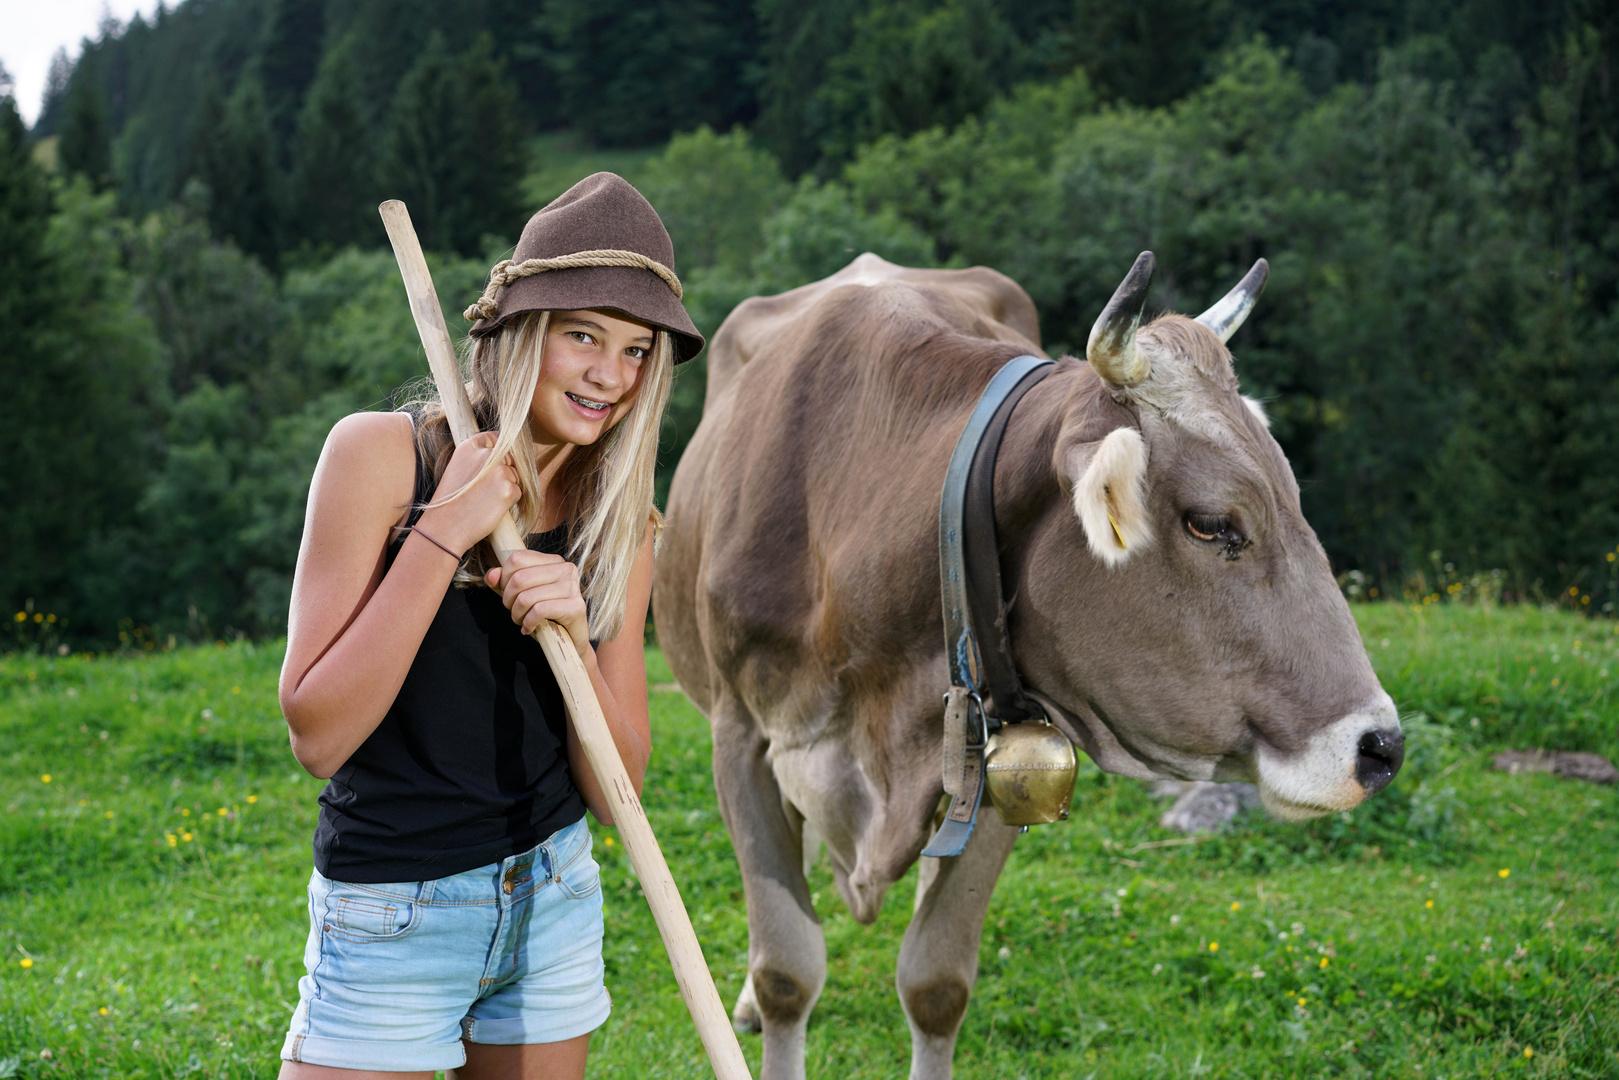 Cowgirl Matilda